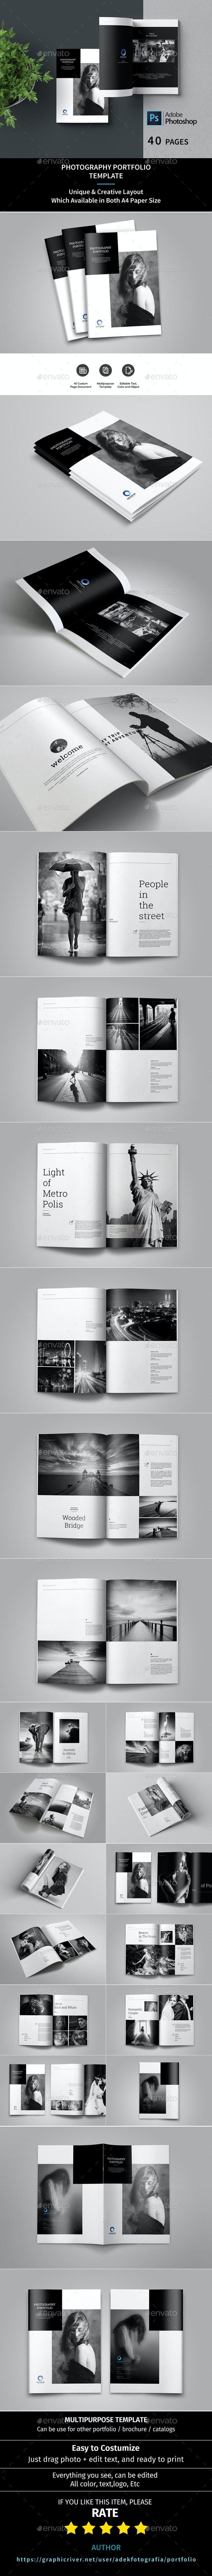 Portfolio Photographer - Photo Albums Print Templates